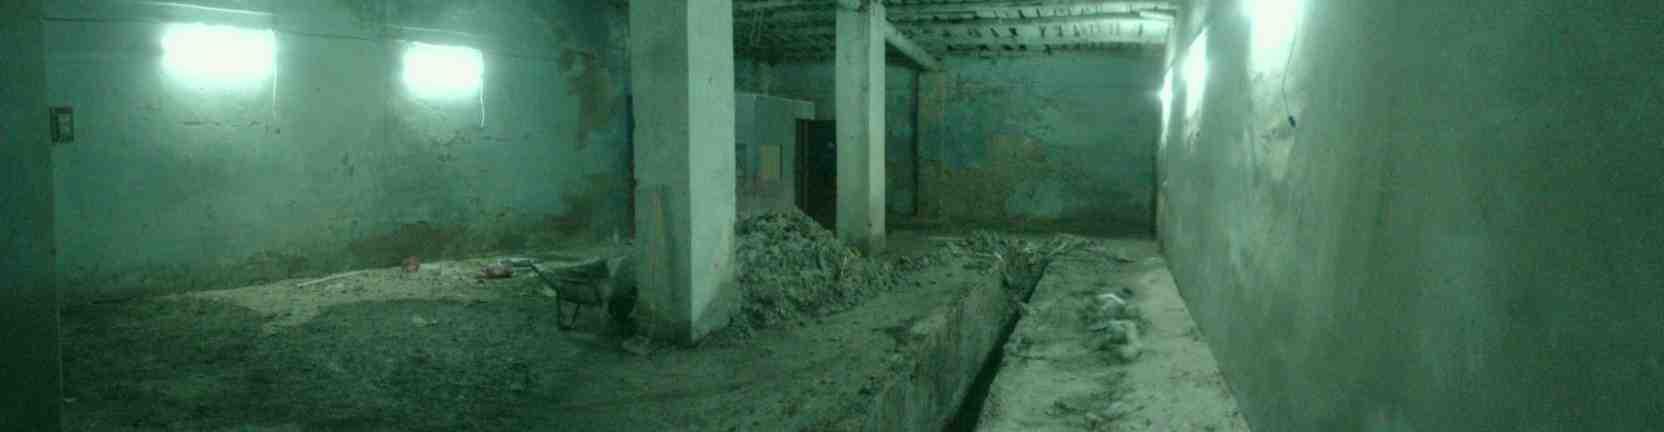 Оренда гаража підь СТО, зображення 1